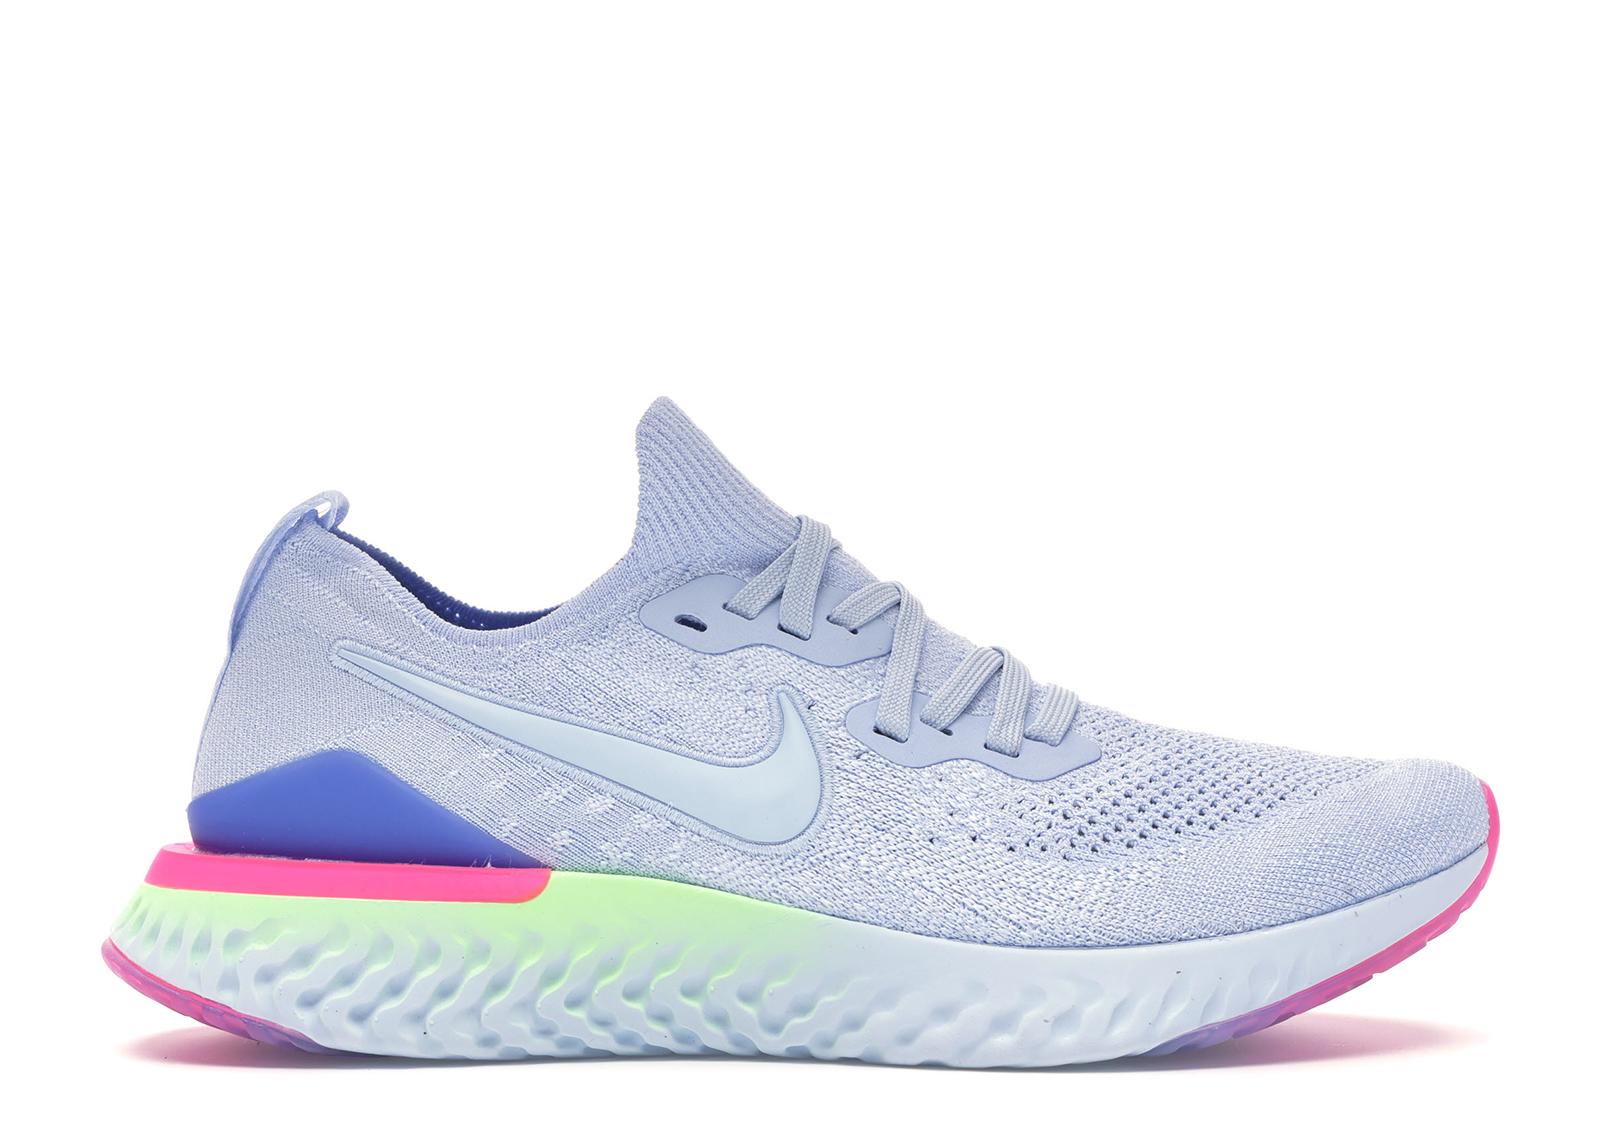 Nike Epic React Flyknit 2 Hydrogen Blue